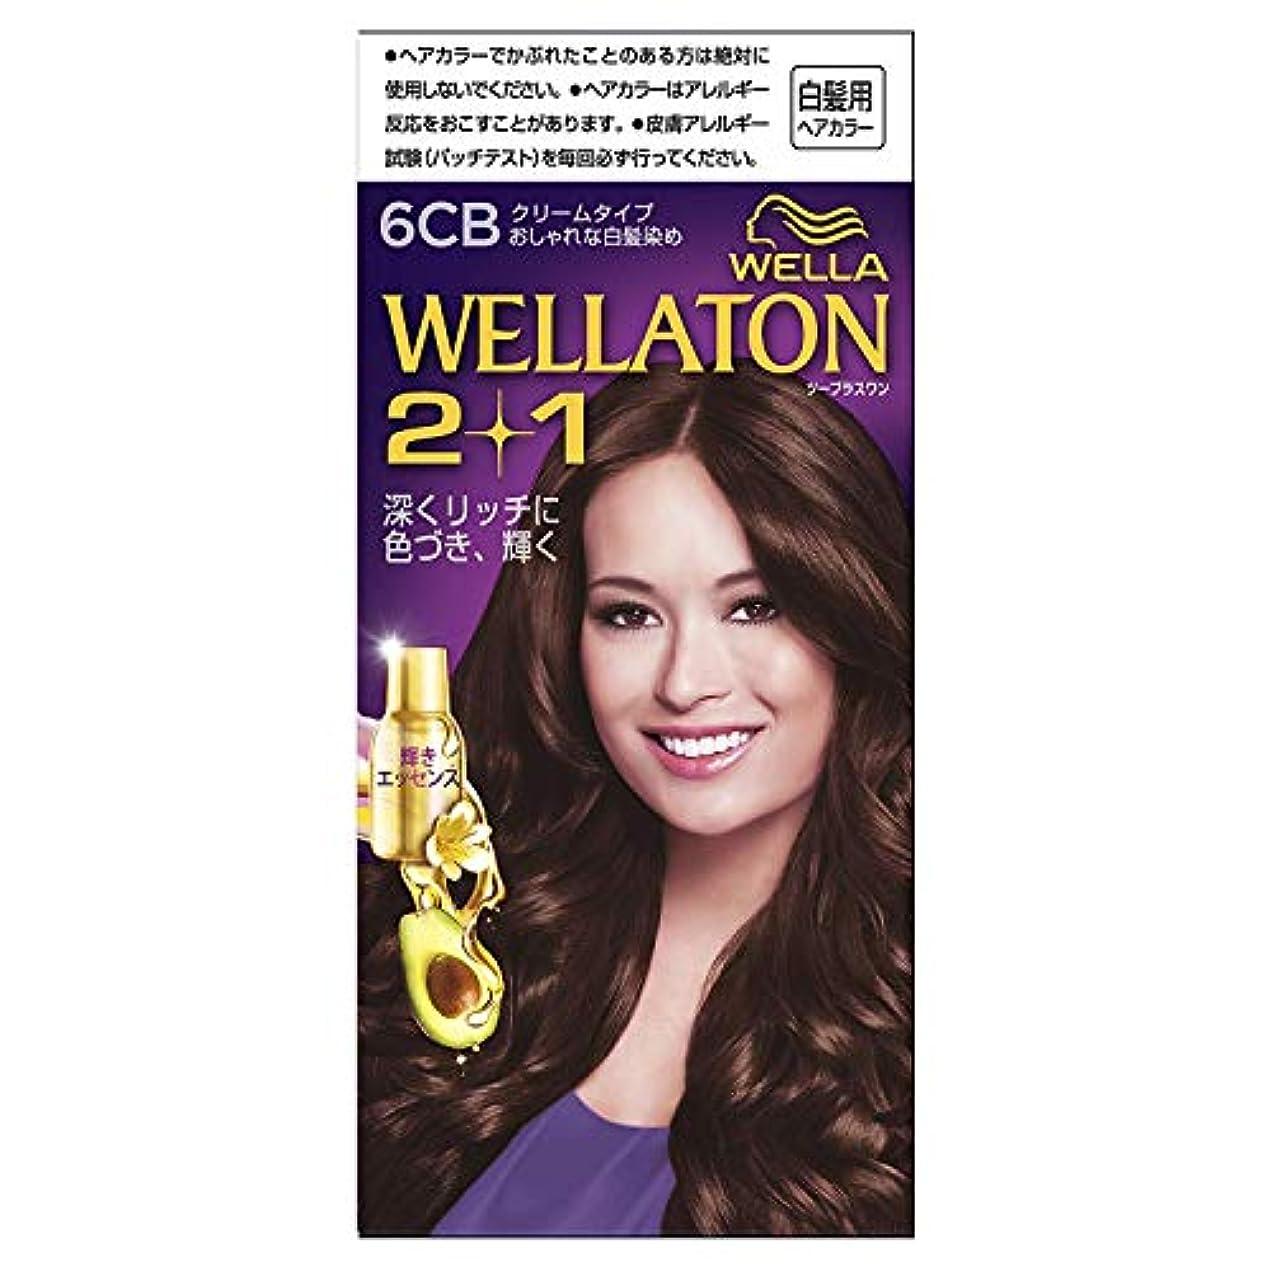 ウエラトーン2+1 クリームタイプ 6CB [医薬部外品]×6個